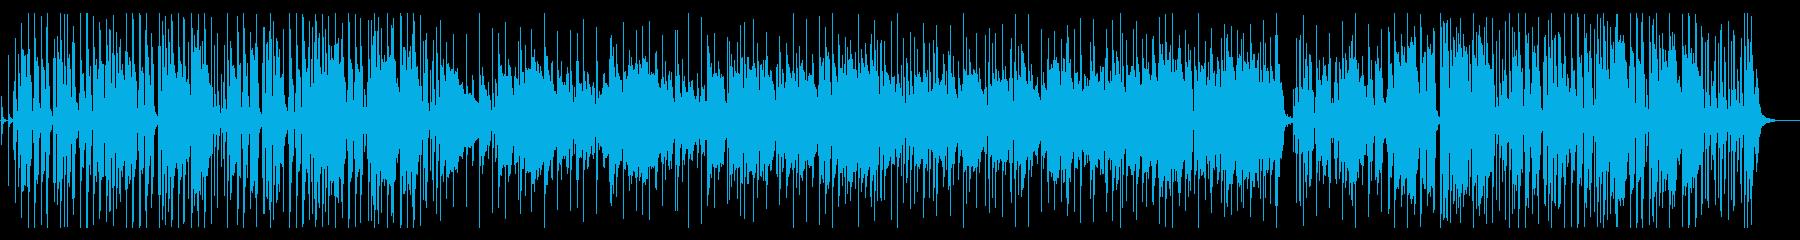 おしゃれなジャズフュージョンの再生済みの波形